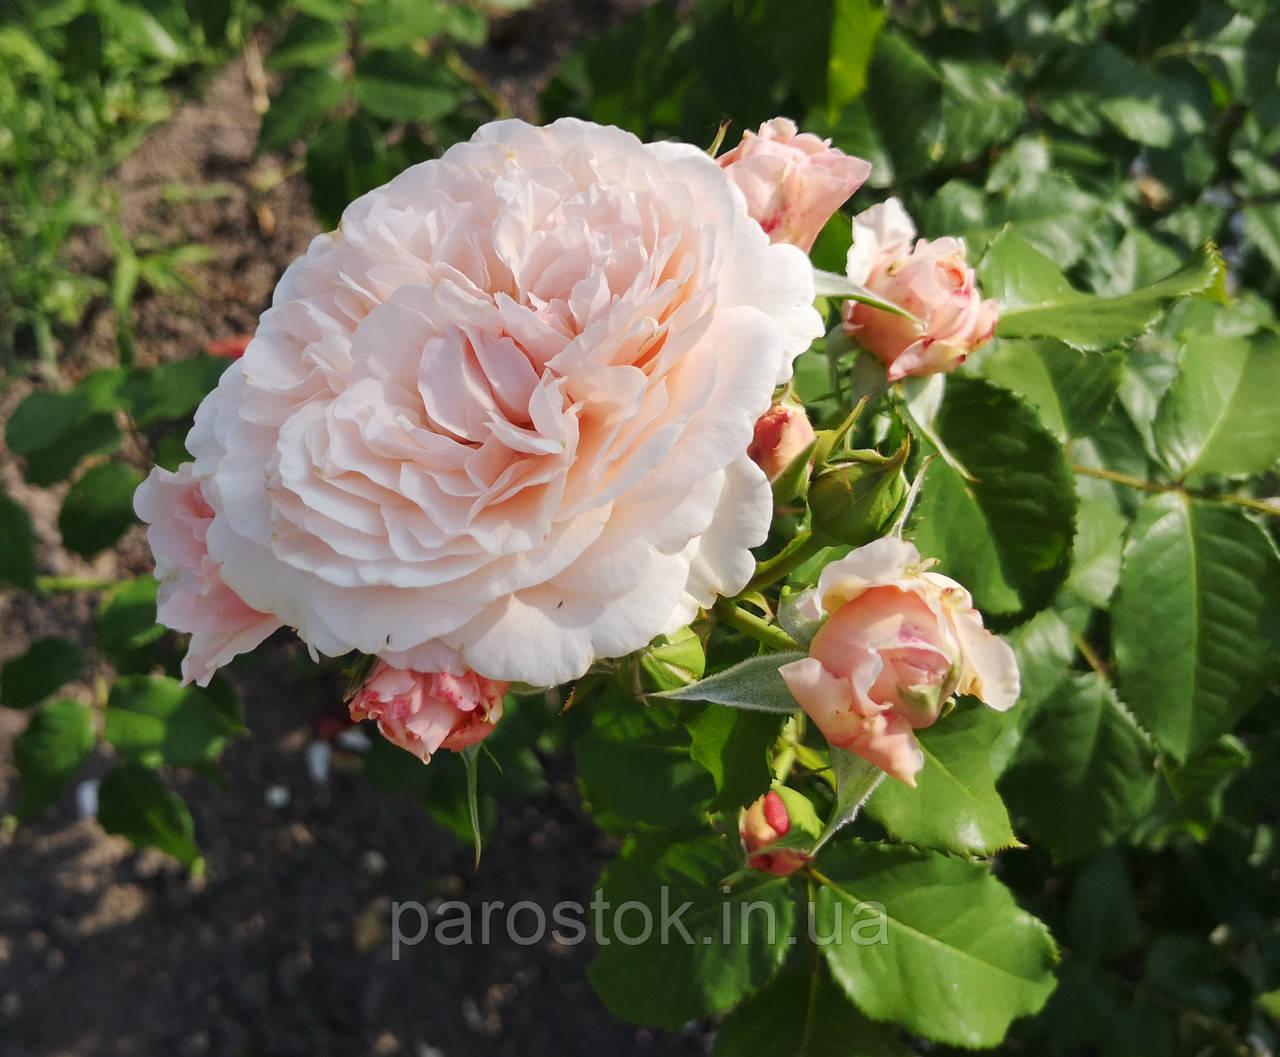 Роз де Толбиак. Плетистая роза